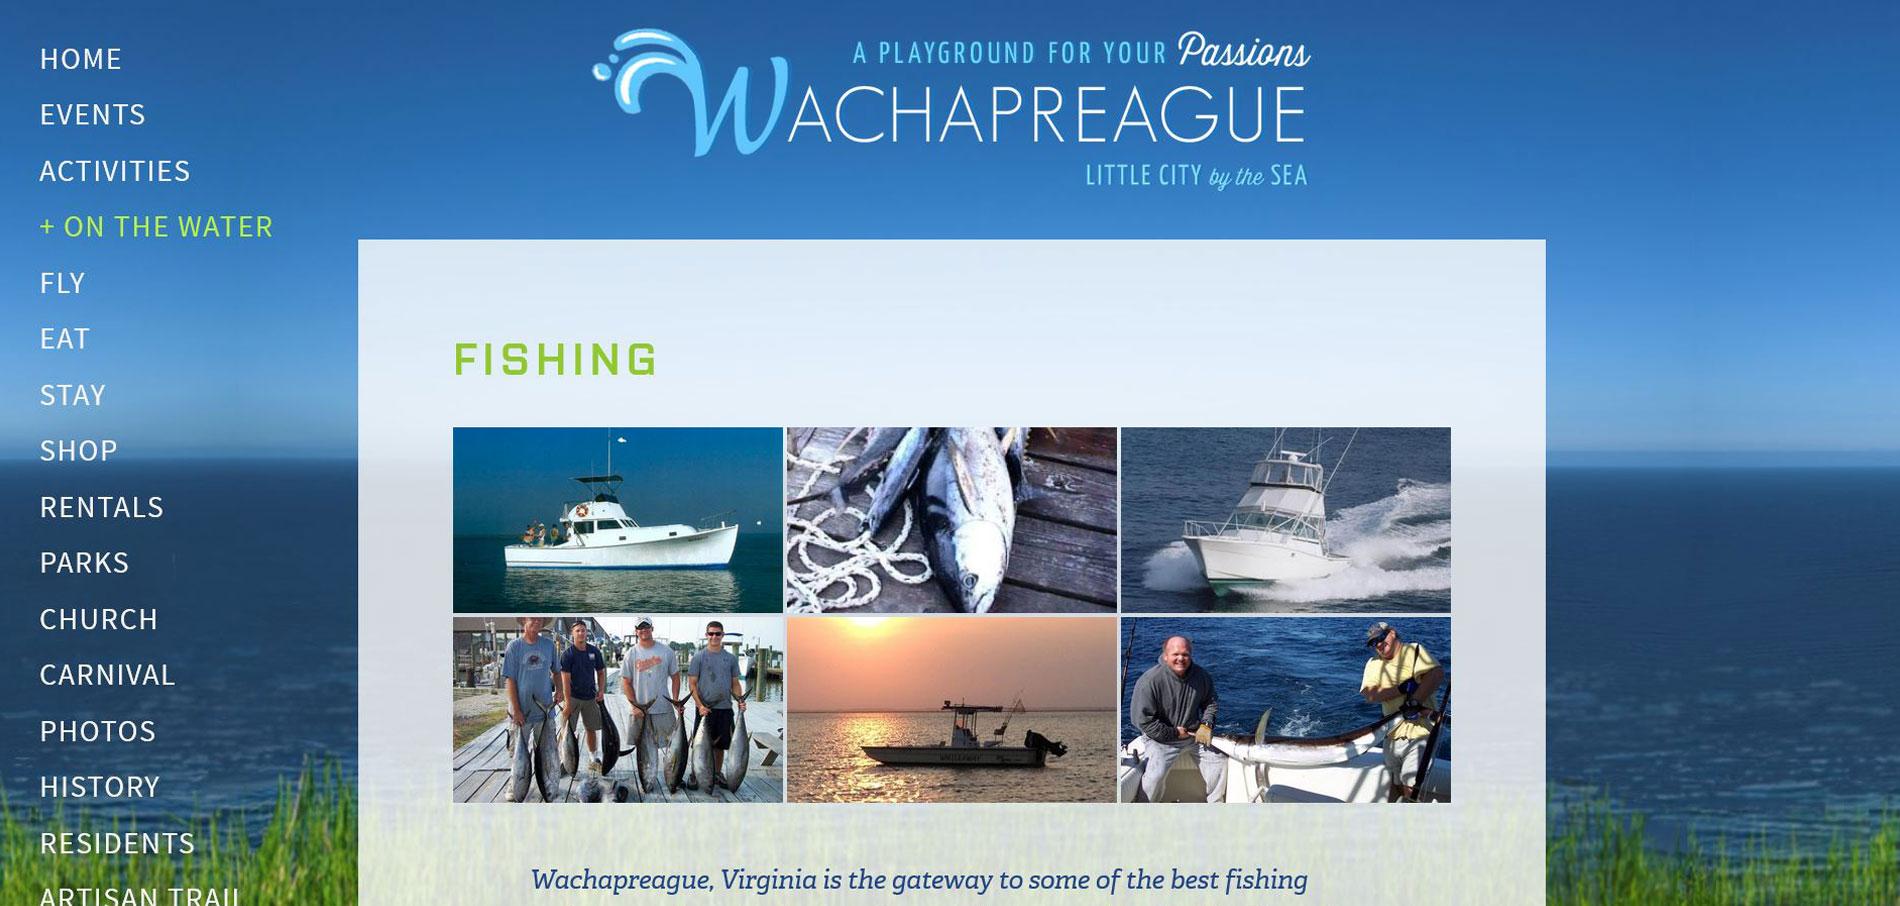 Wachapreague Tourism